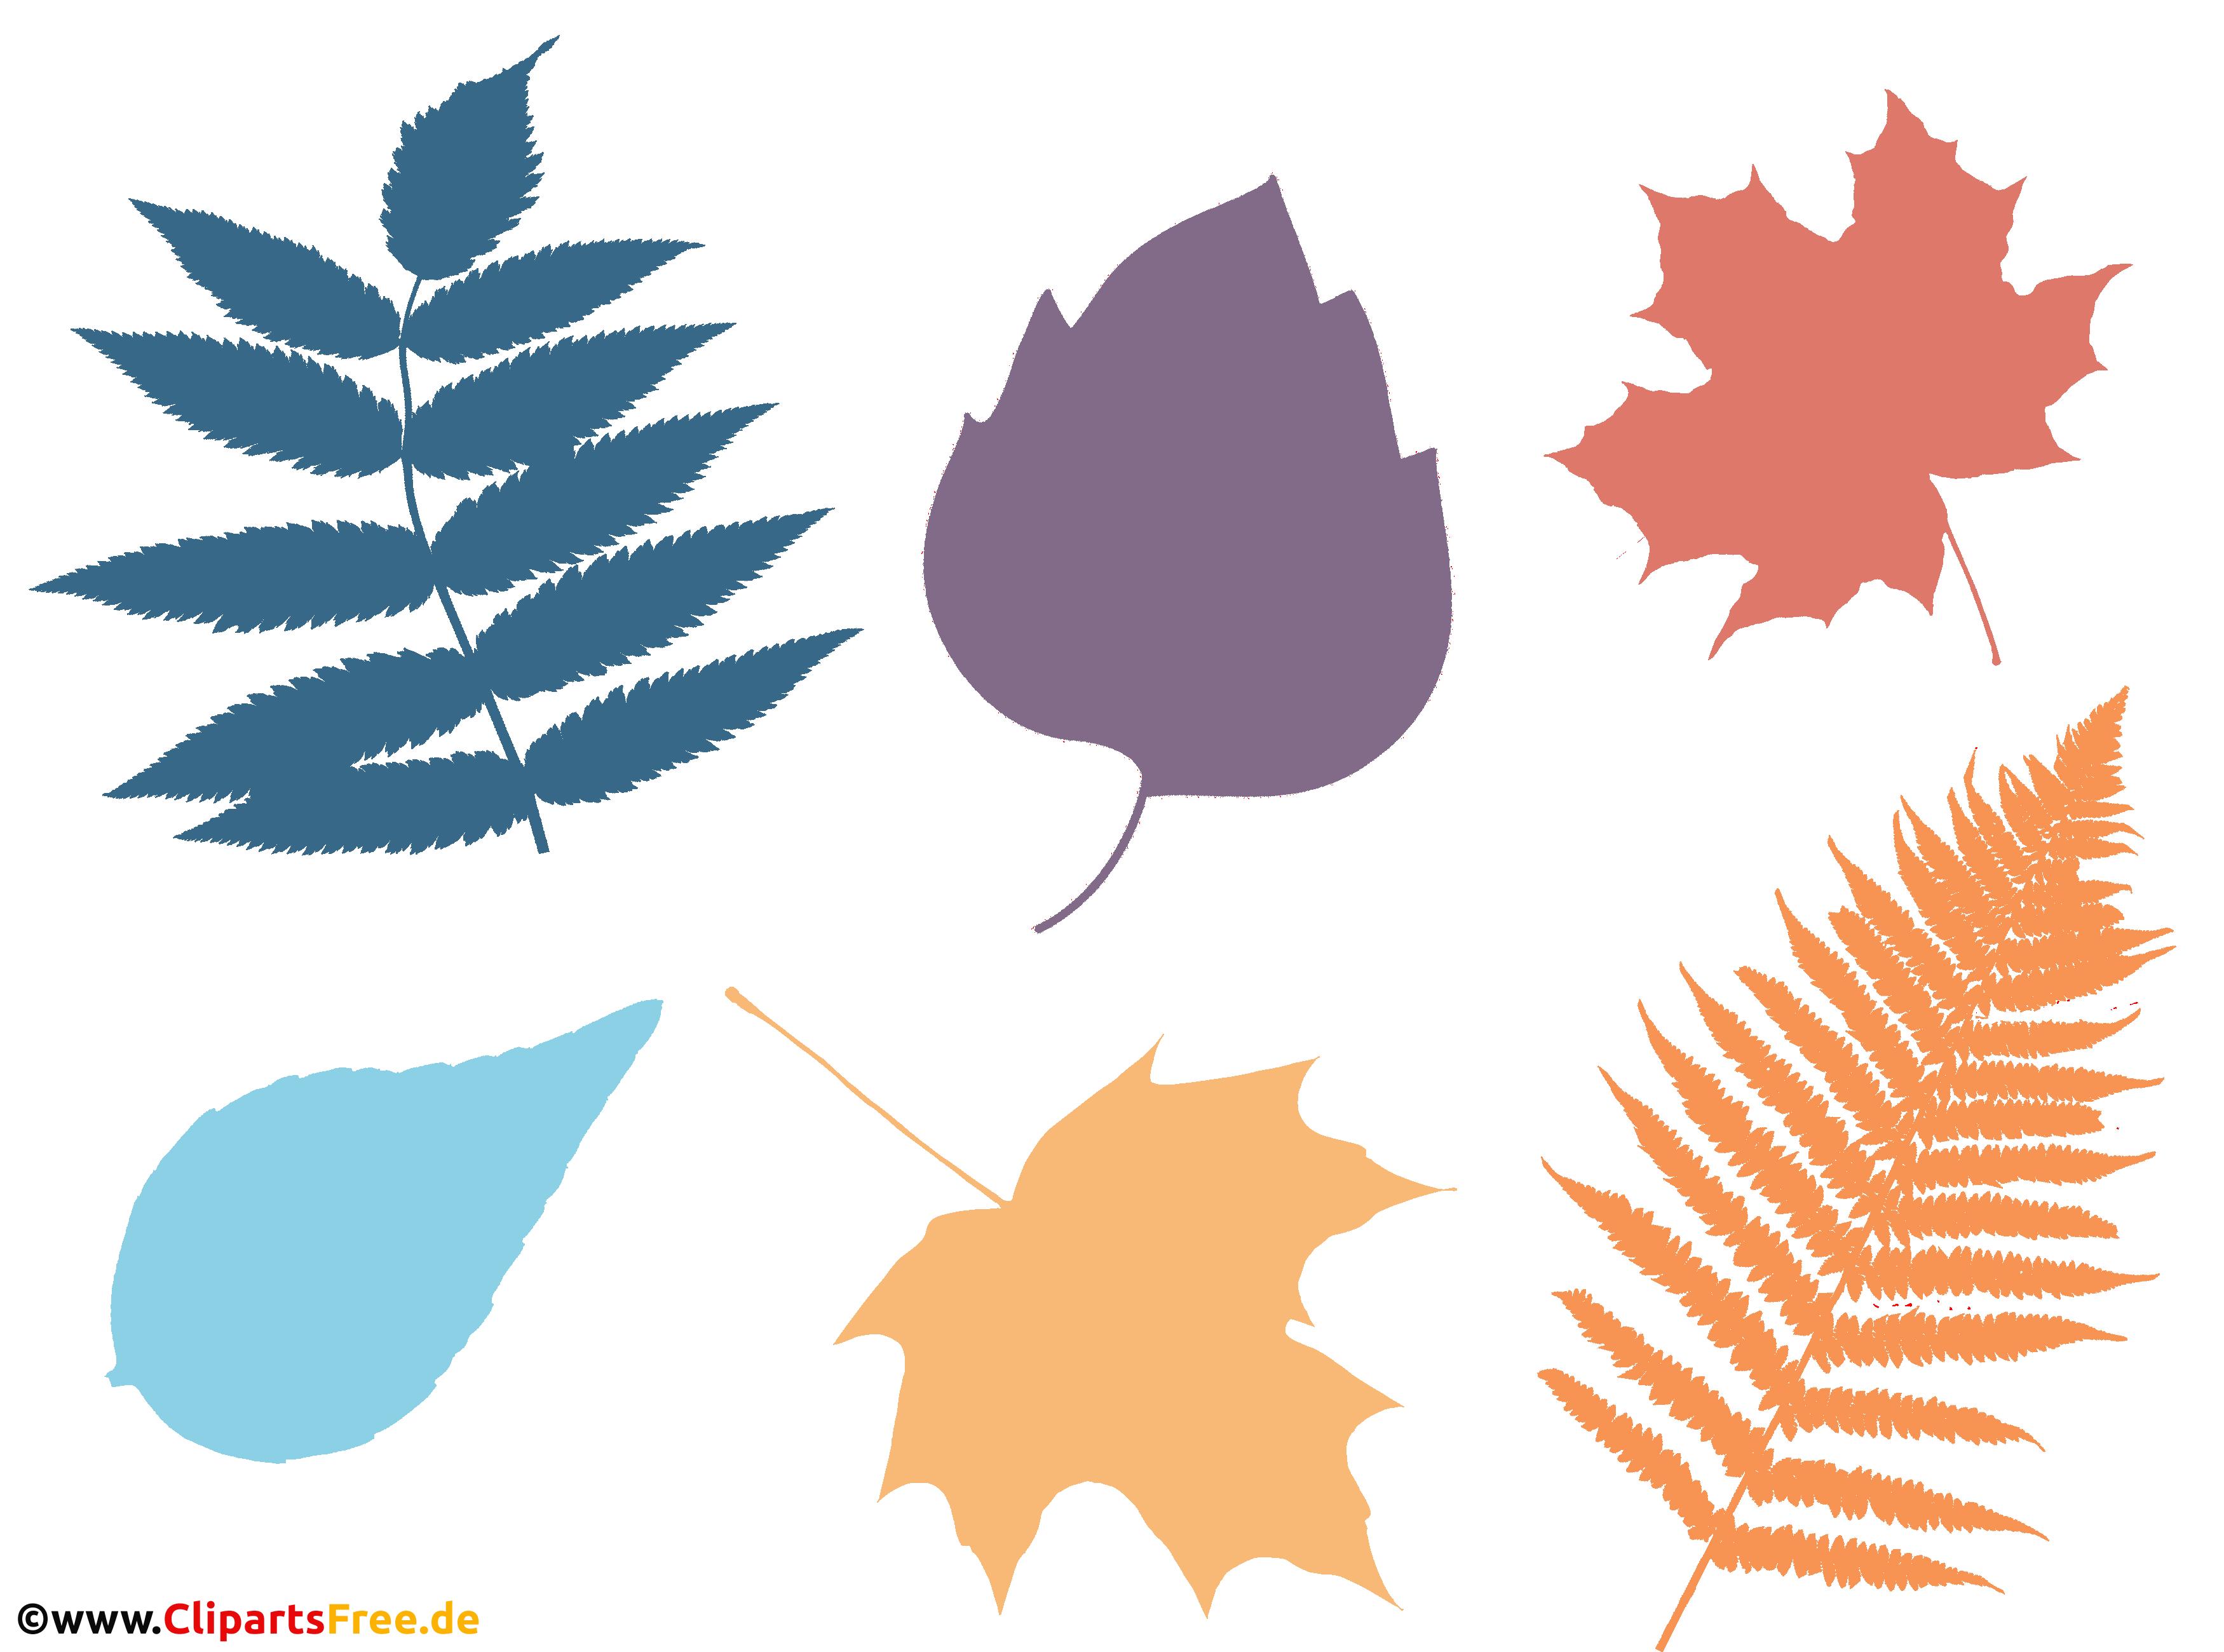 Hintergrundbild Baumblätter in verschiedenen Farben PNG transparent